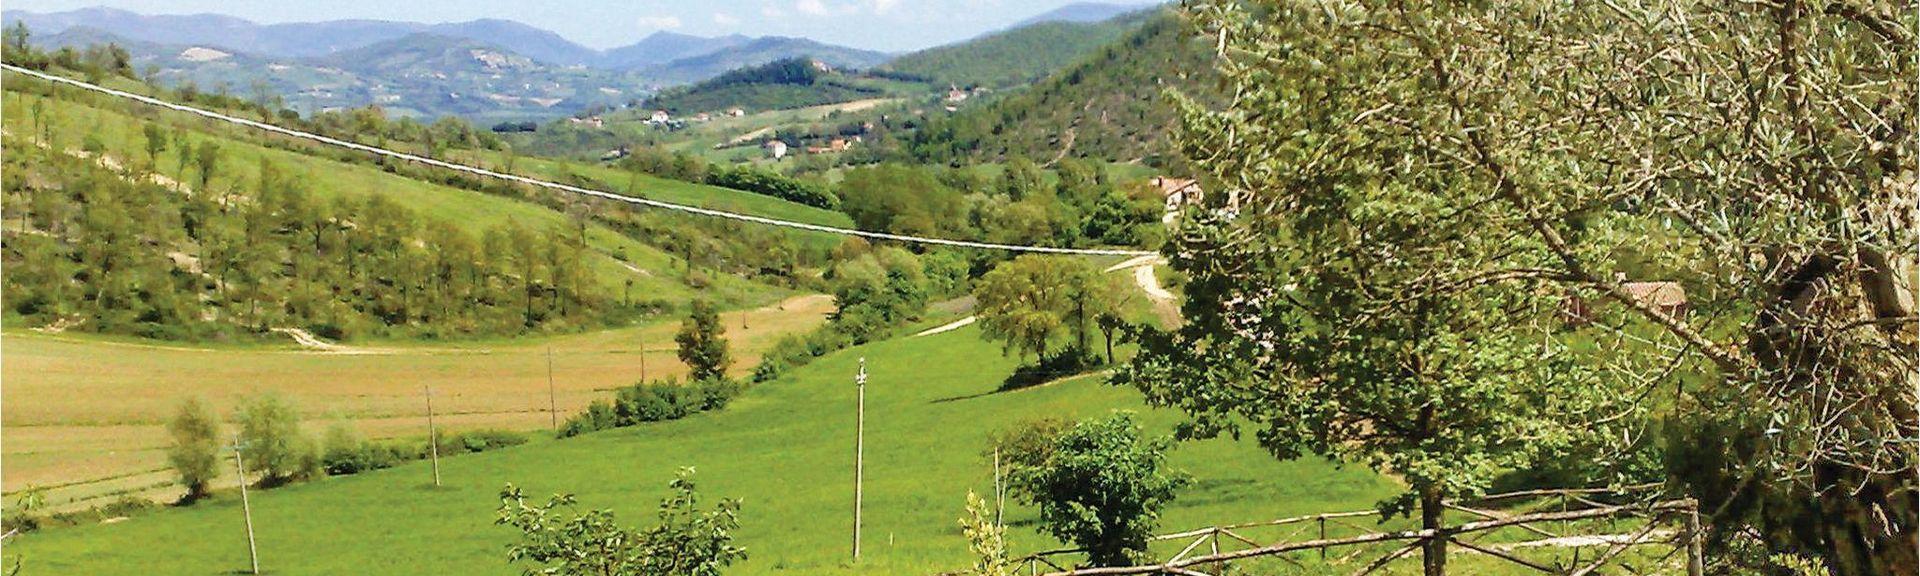 Cantiano, Marche, Italië